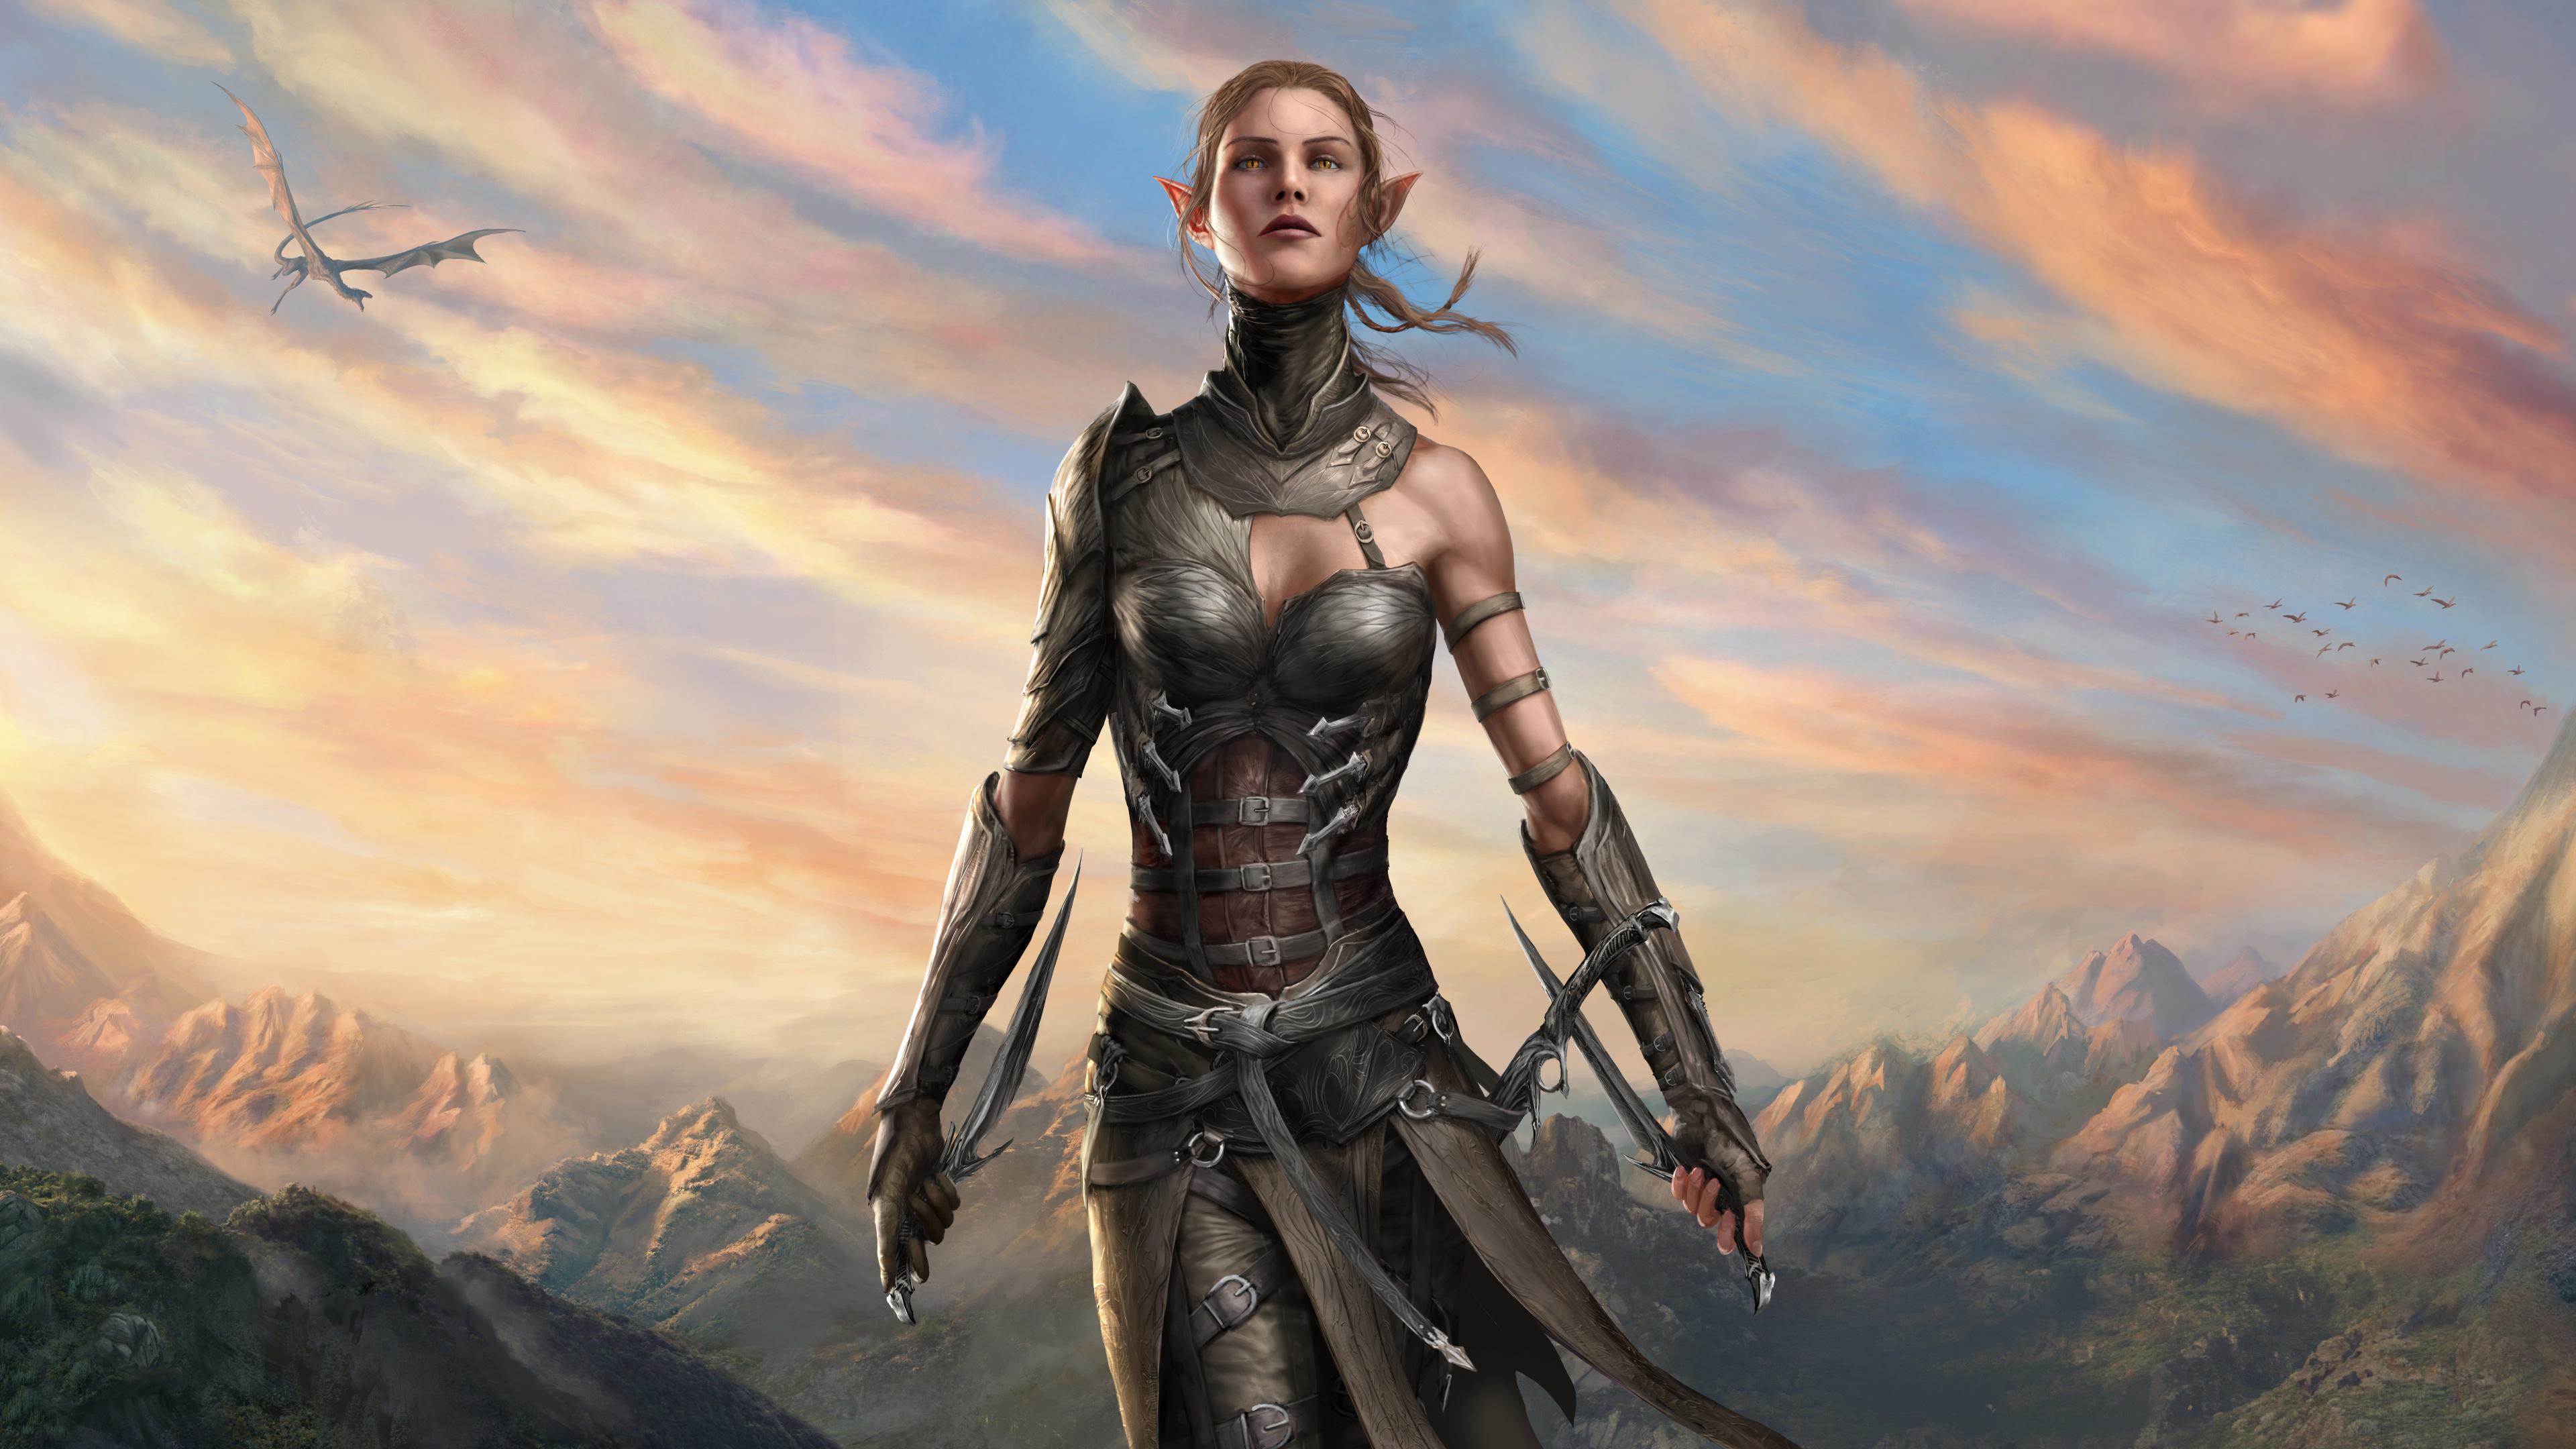 Девушка-воин среди горных вершин